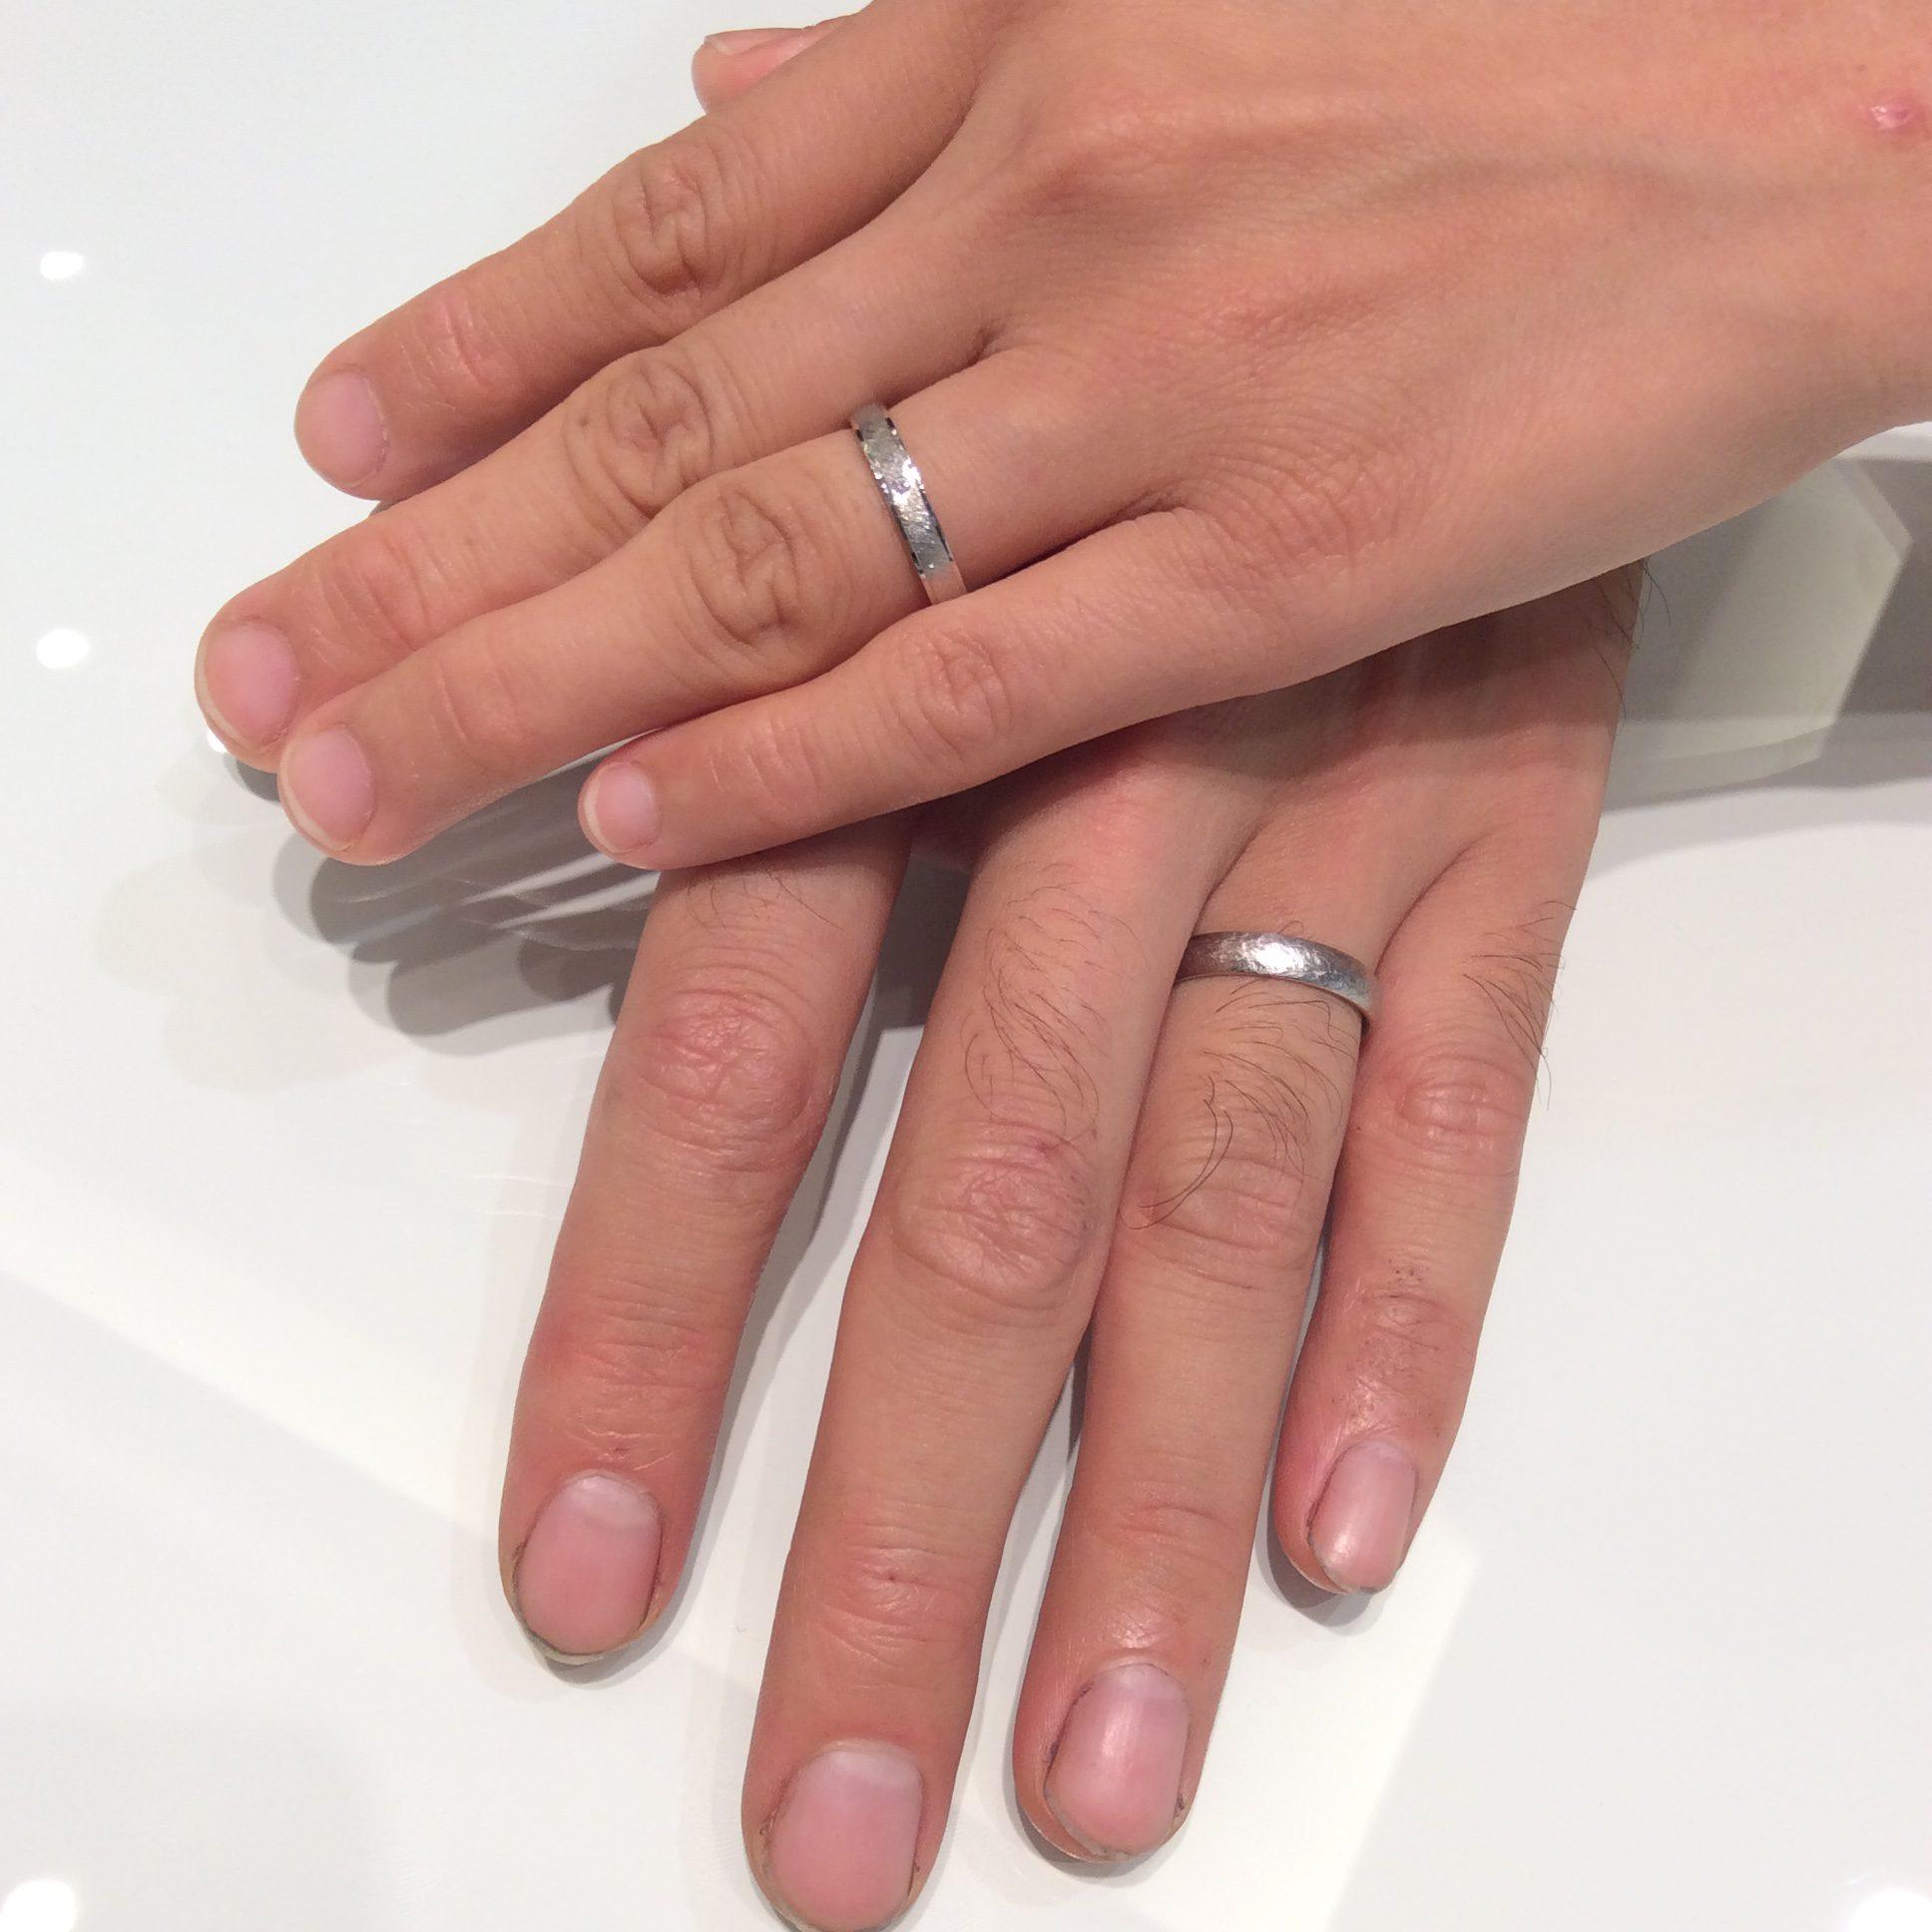 FISCHER(フィッシャー)の結婚指輪をご成約(長岡市/吉原様ご夫婦)